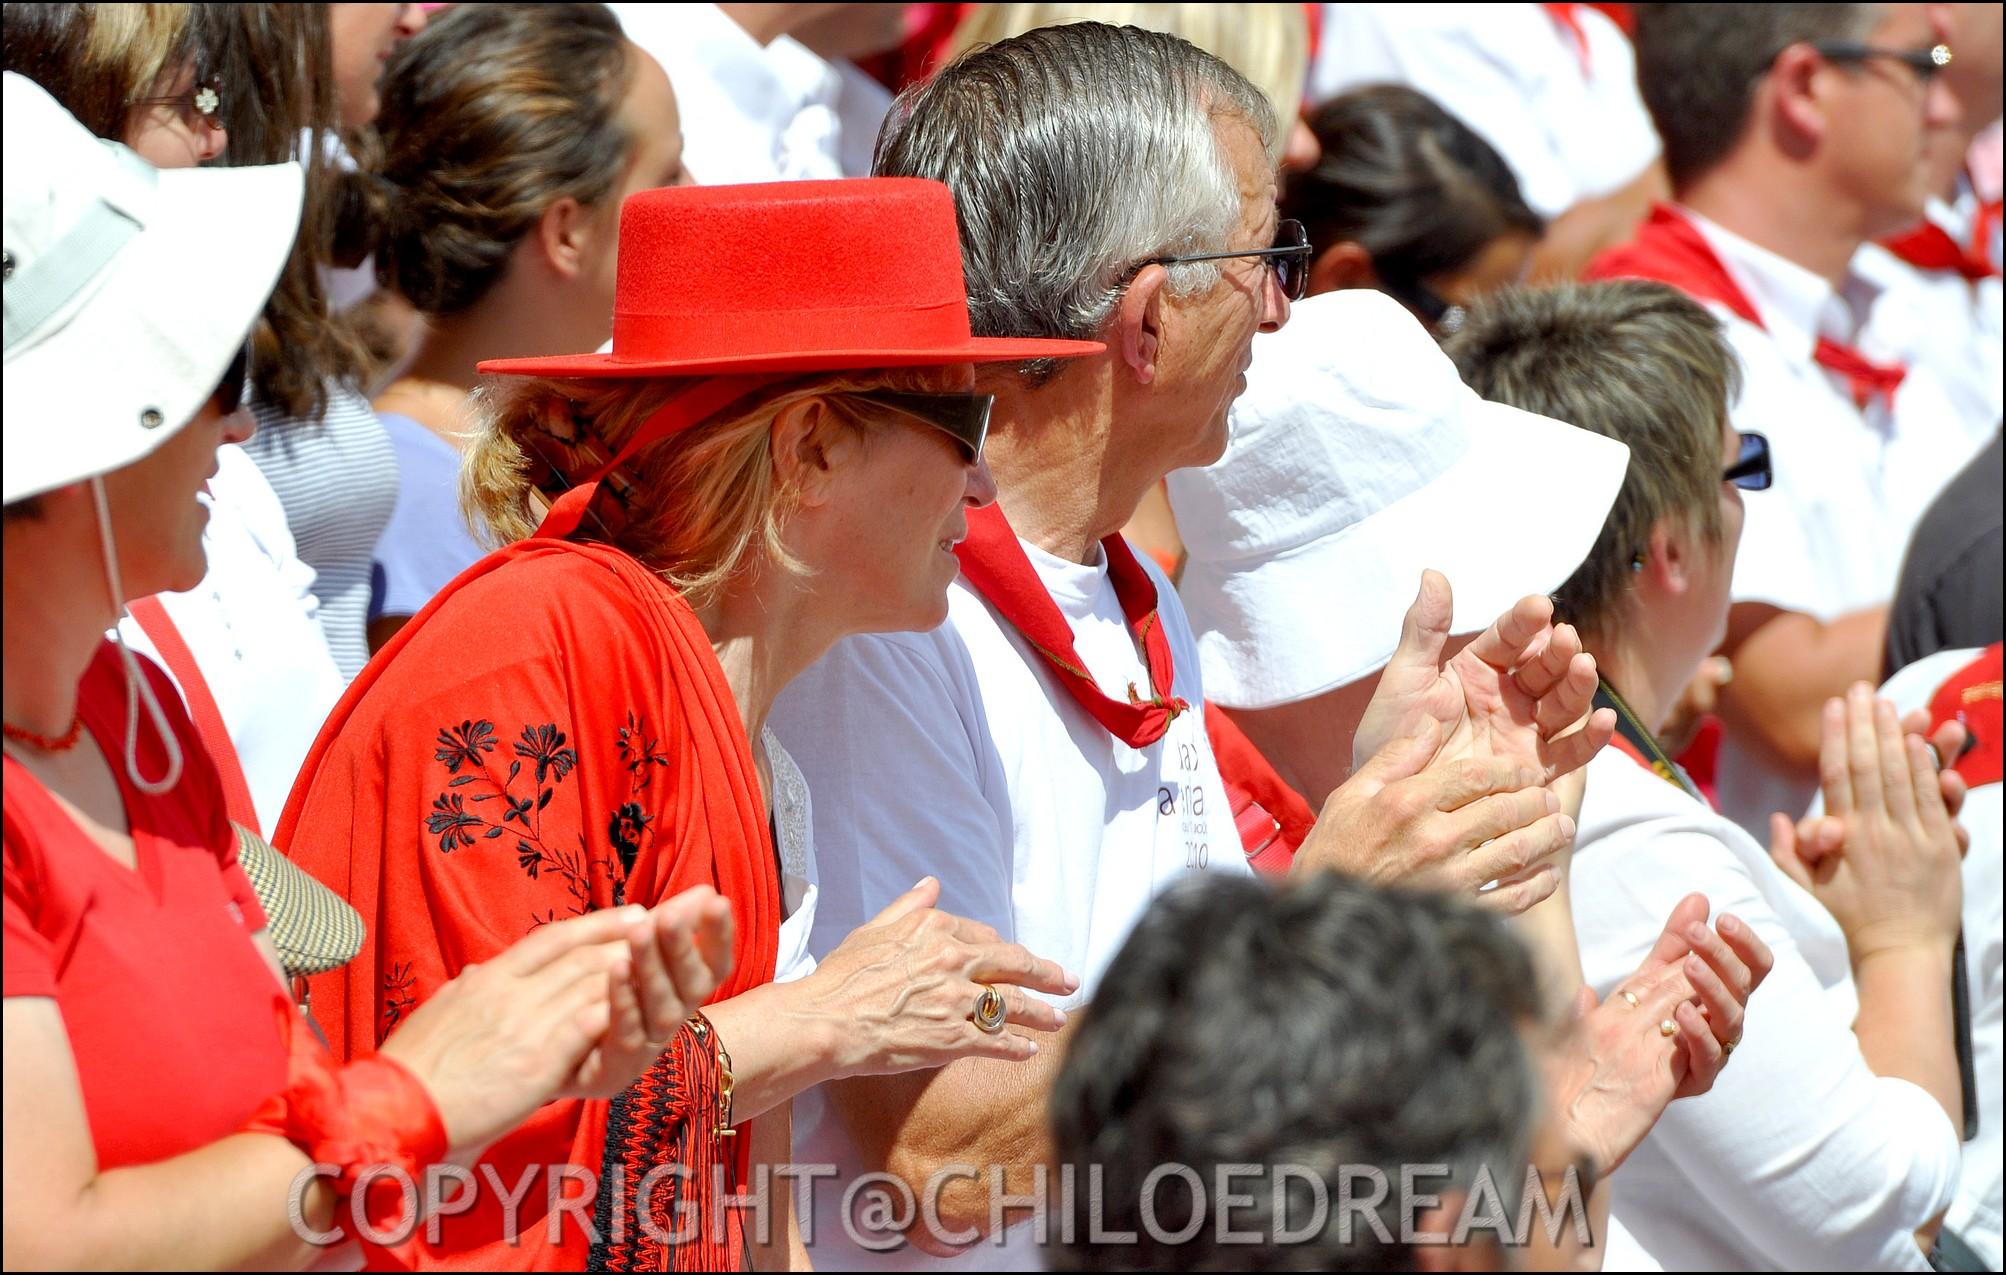 Voyage Pays Basque - Dax ; Corrida à cheval en rouge et blanc 16